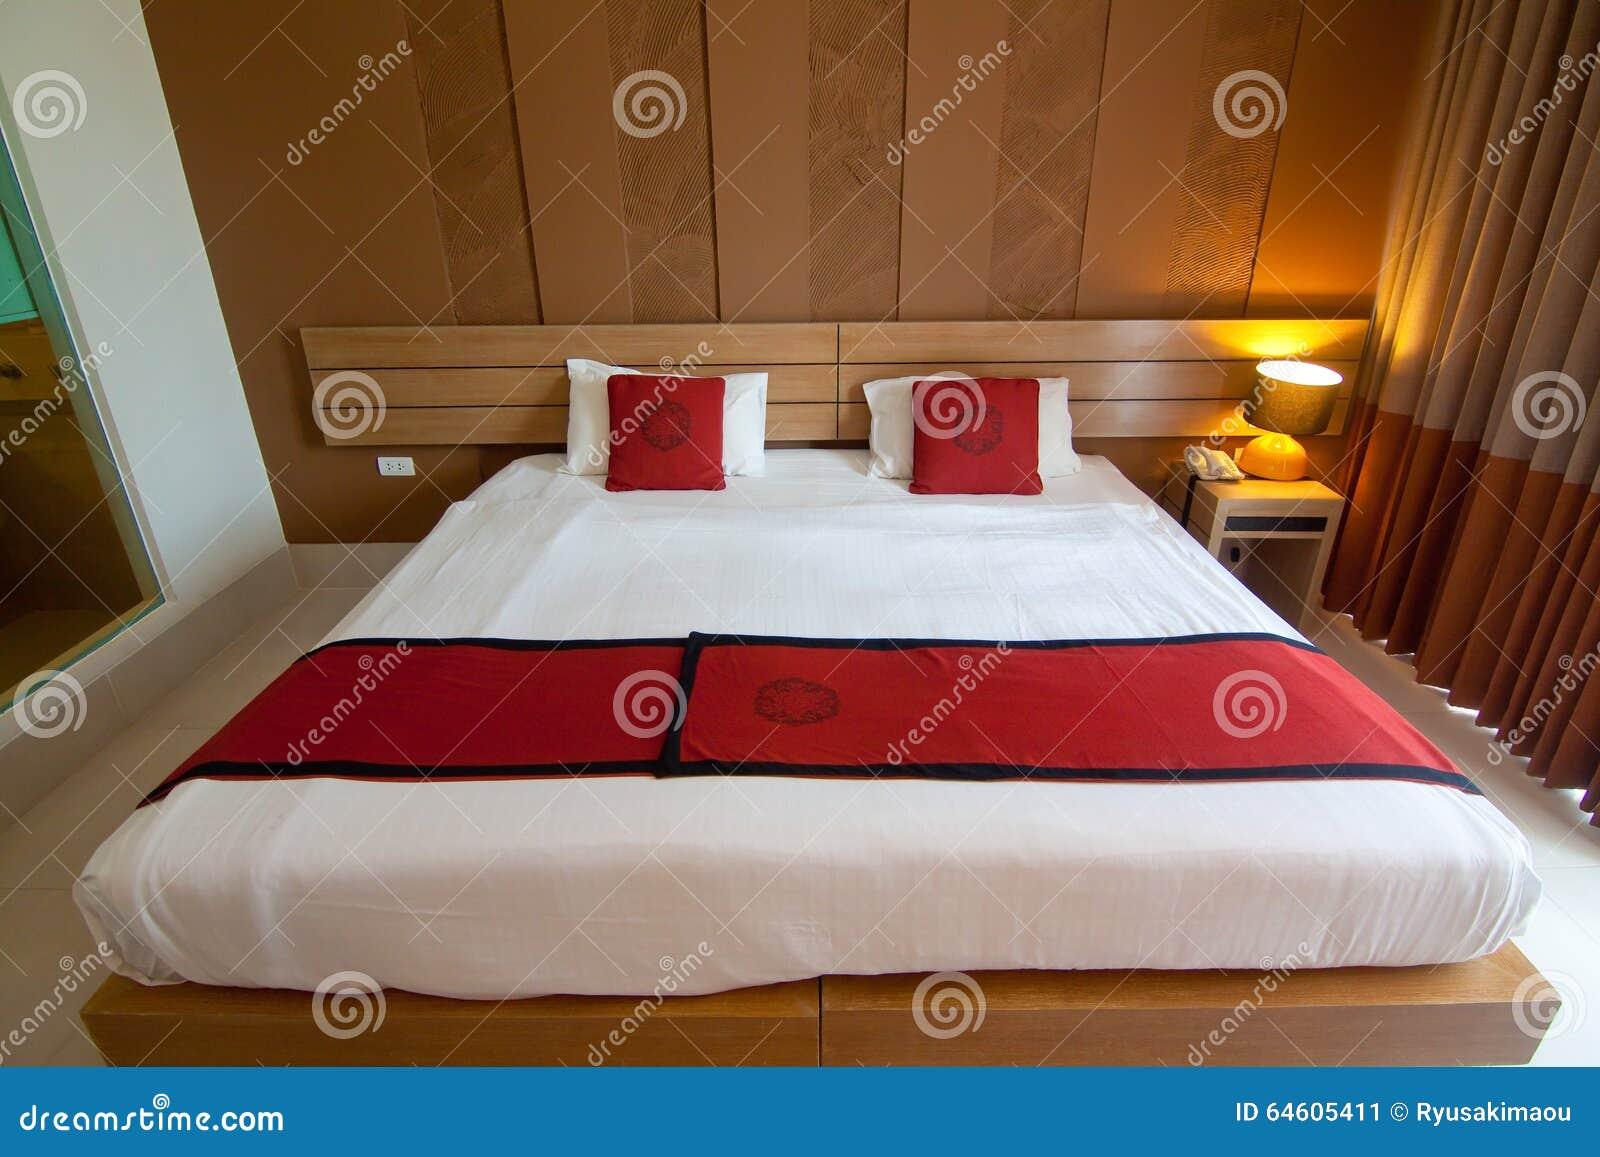 床室设计图片